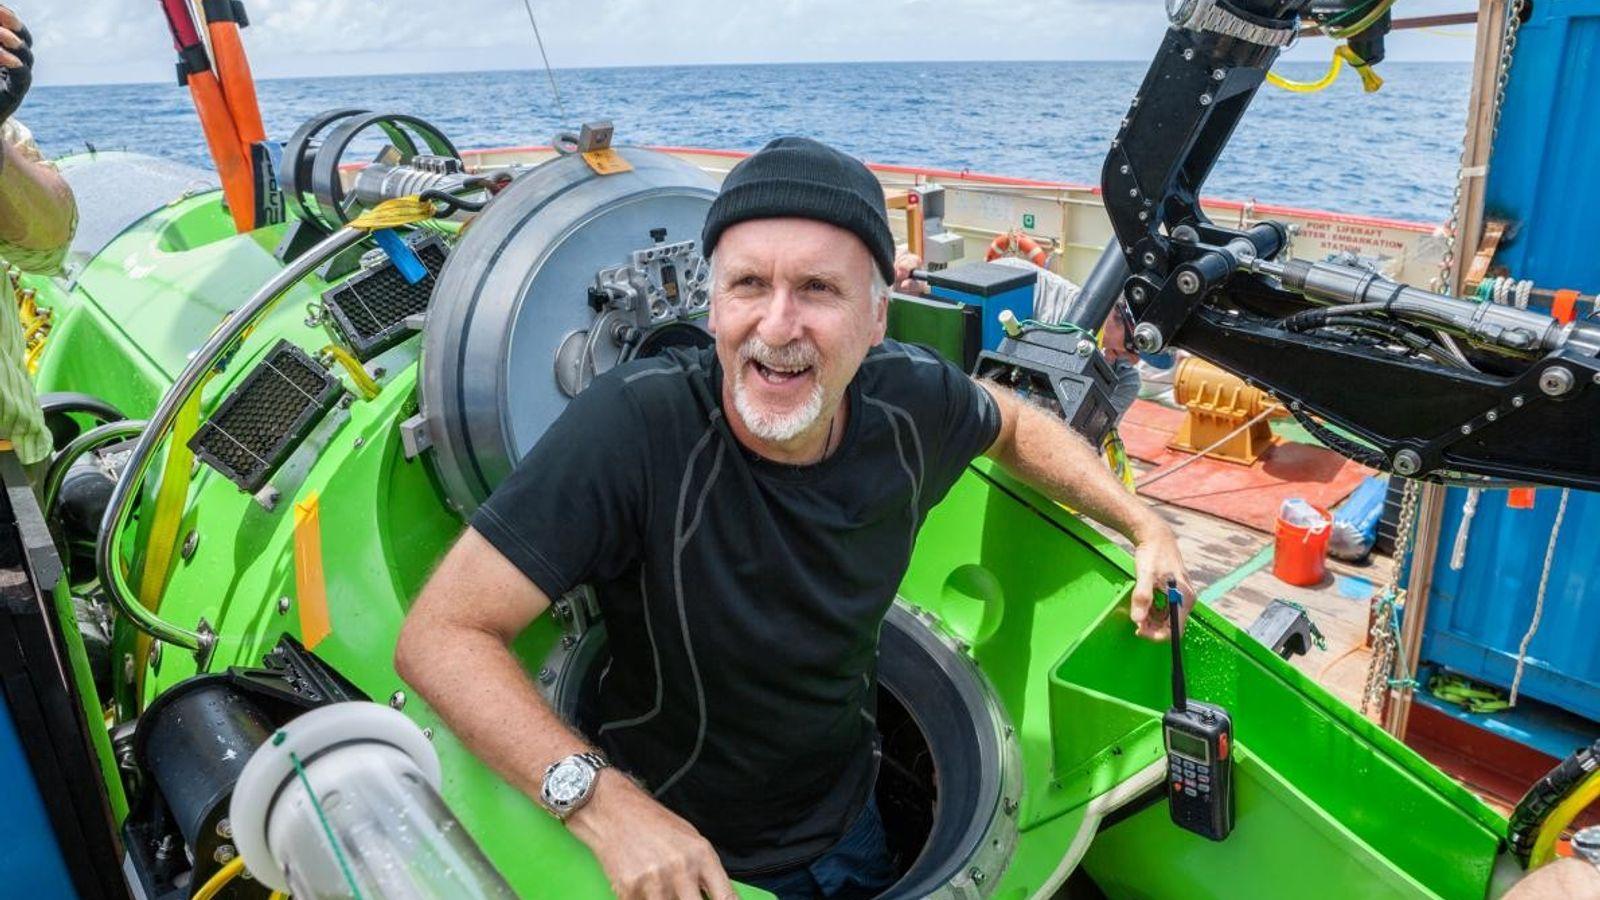 National Geographic et Rolex ont apporté leur soutien au travail remarquable effectué par quelques-uns des explorateurs ...